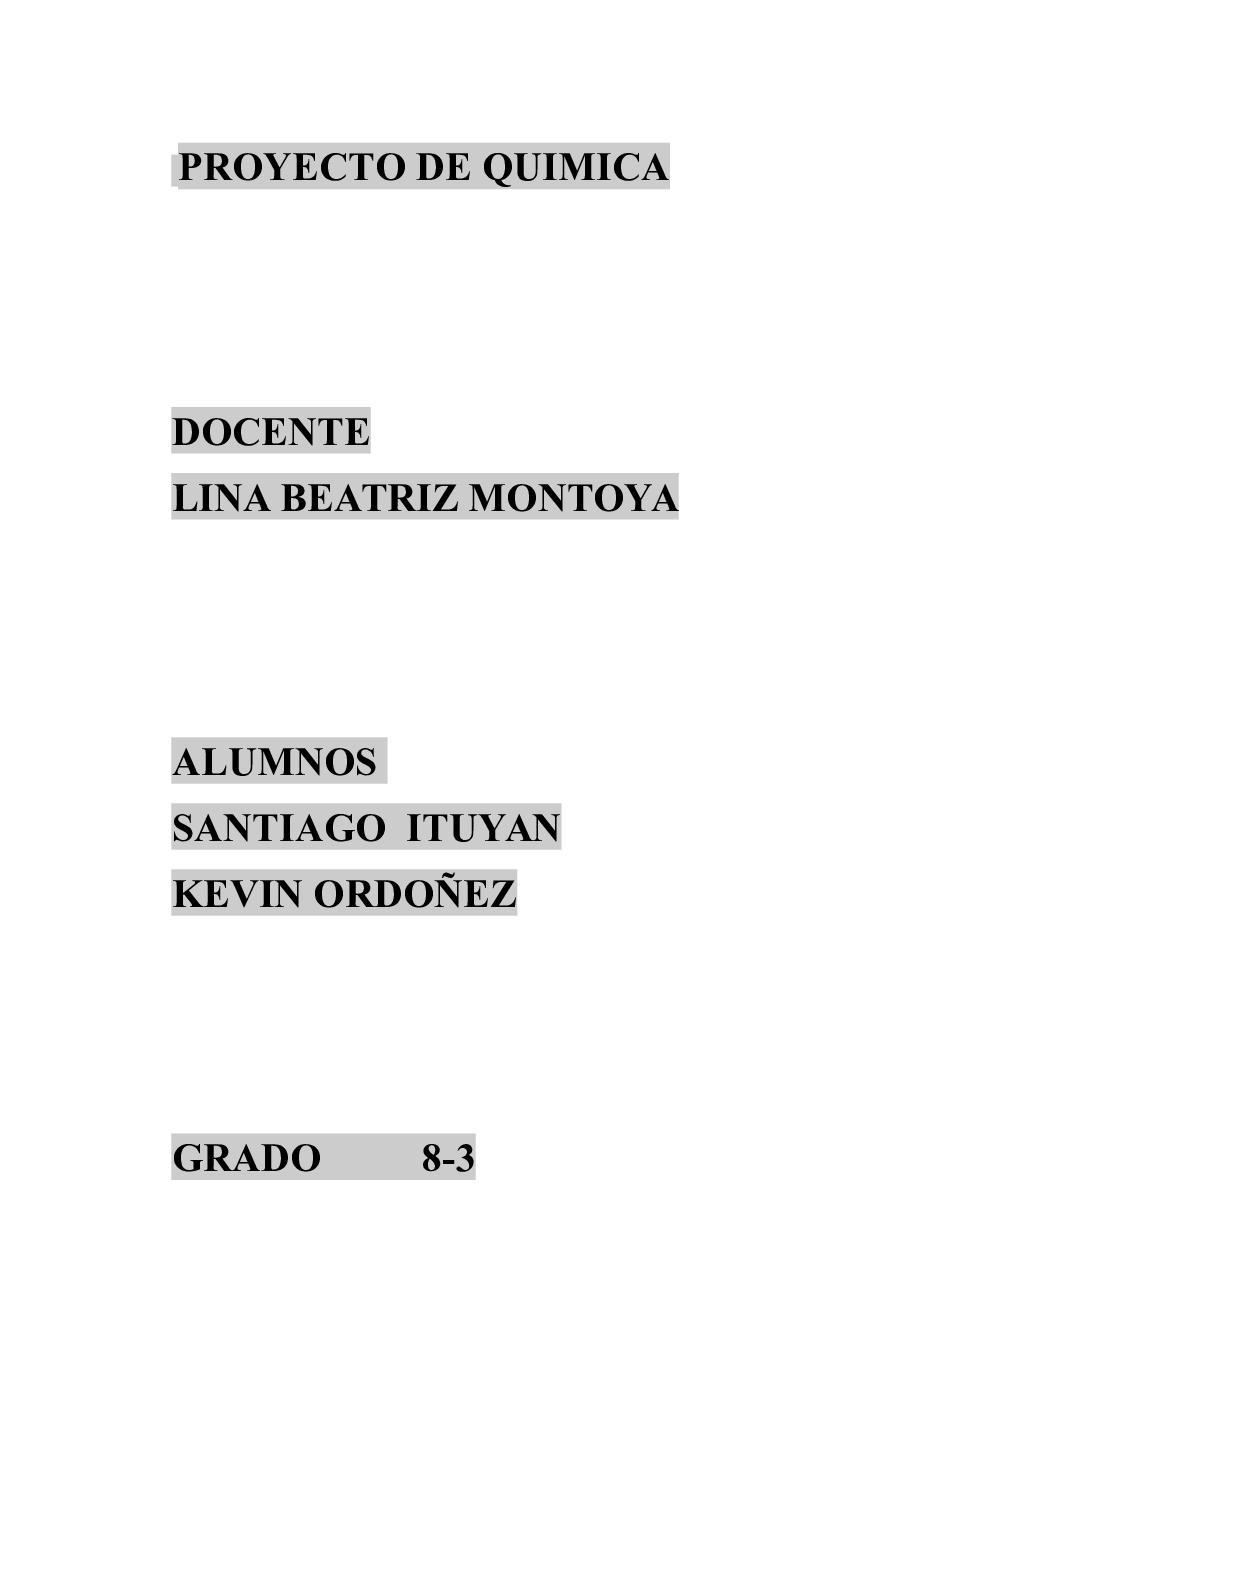 Calaméo Quimica Revista 8 3